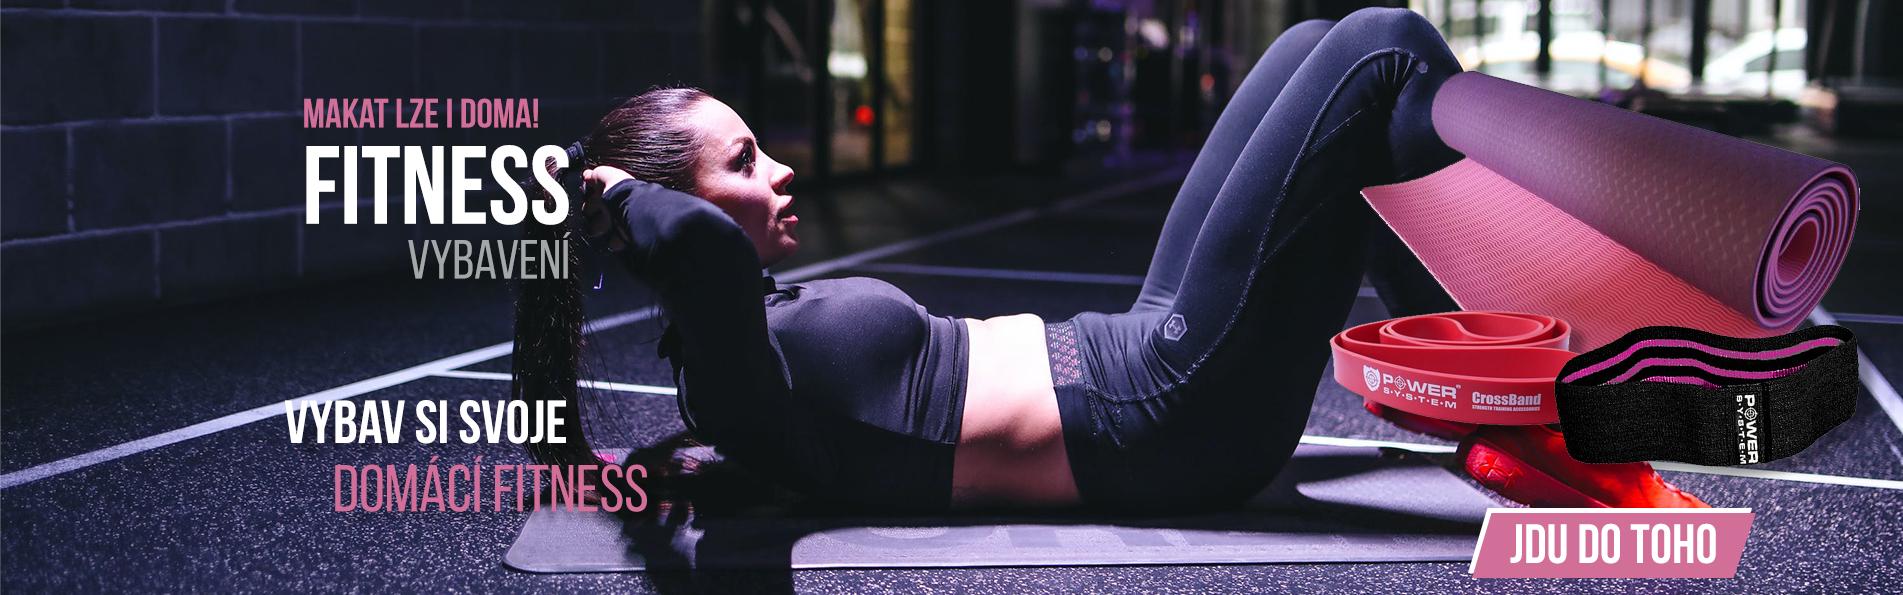 Fitness vybavení na doma